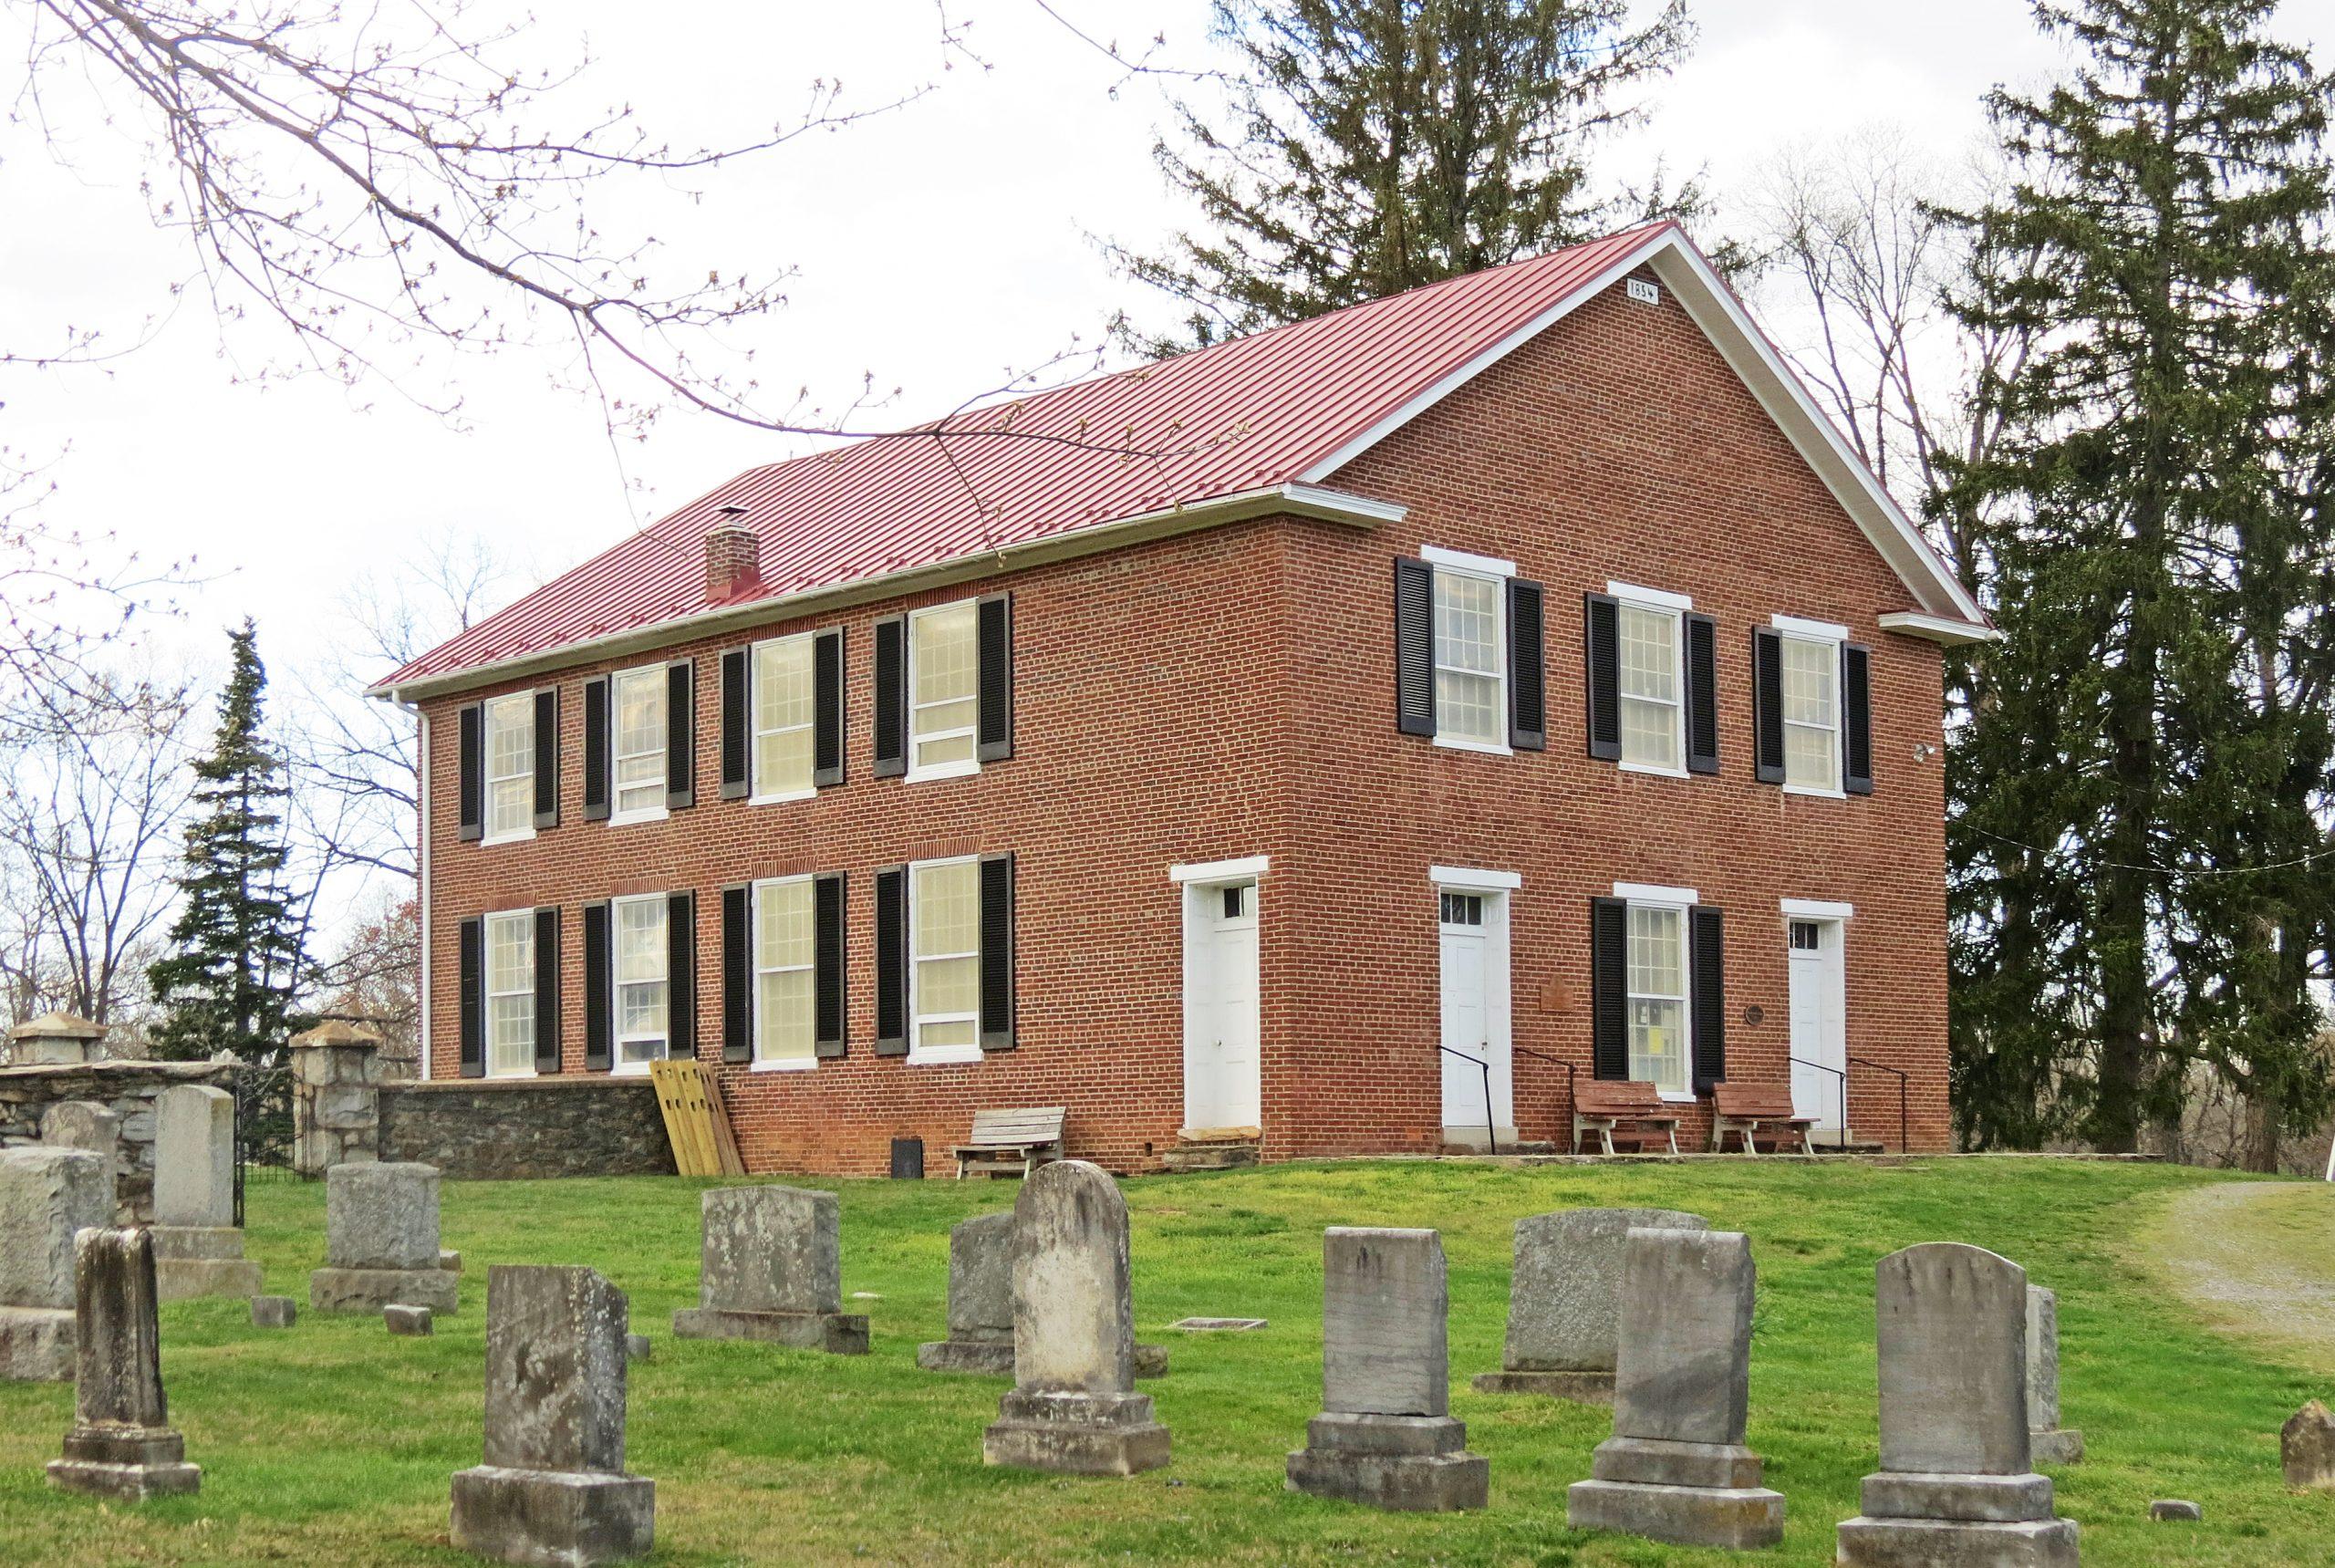 Ketoctin Baptist Church